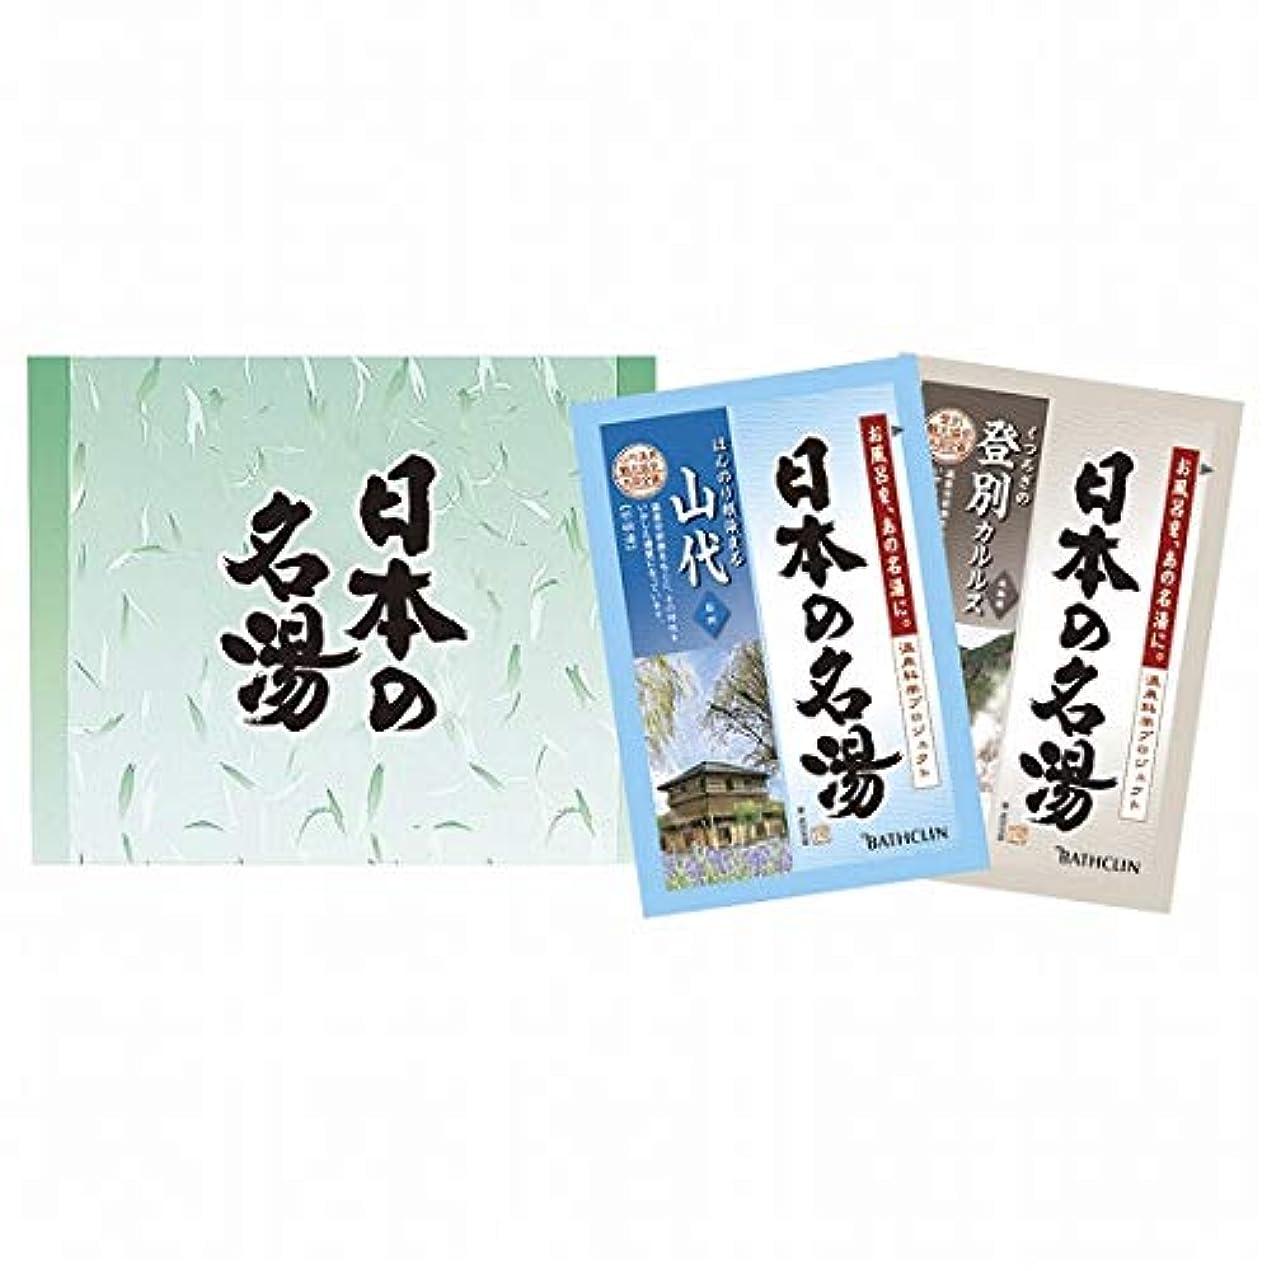 公使館だらしないアラート日本の名湯2包セット